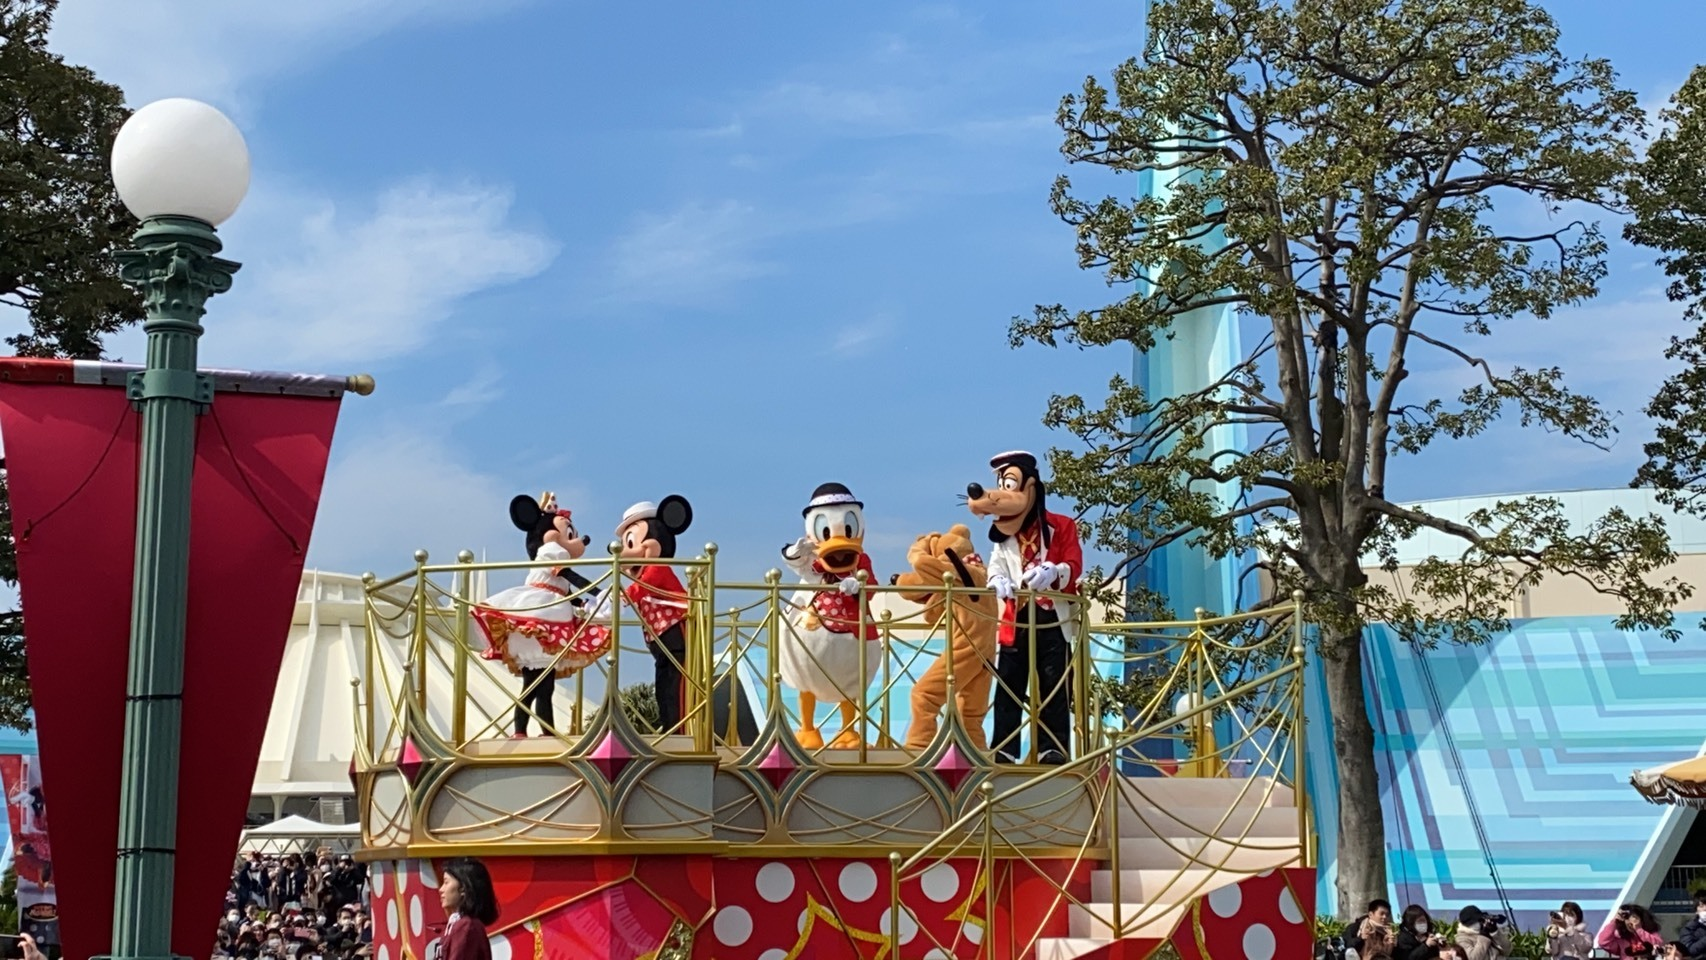 Disney_a0113003_16342179.jpg